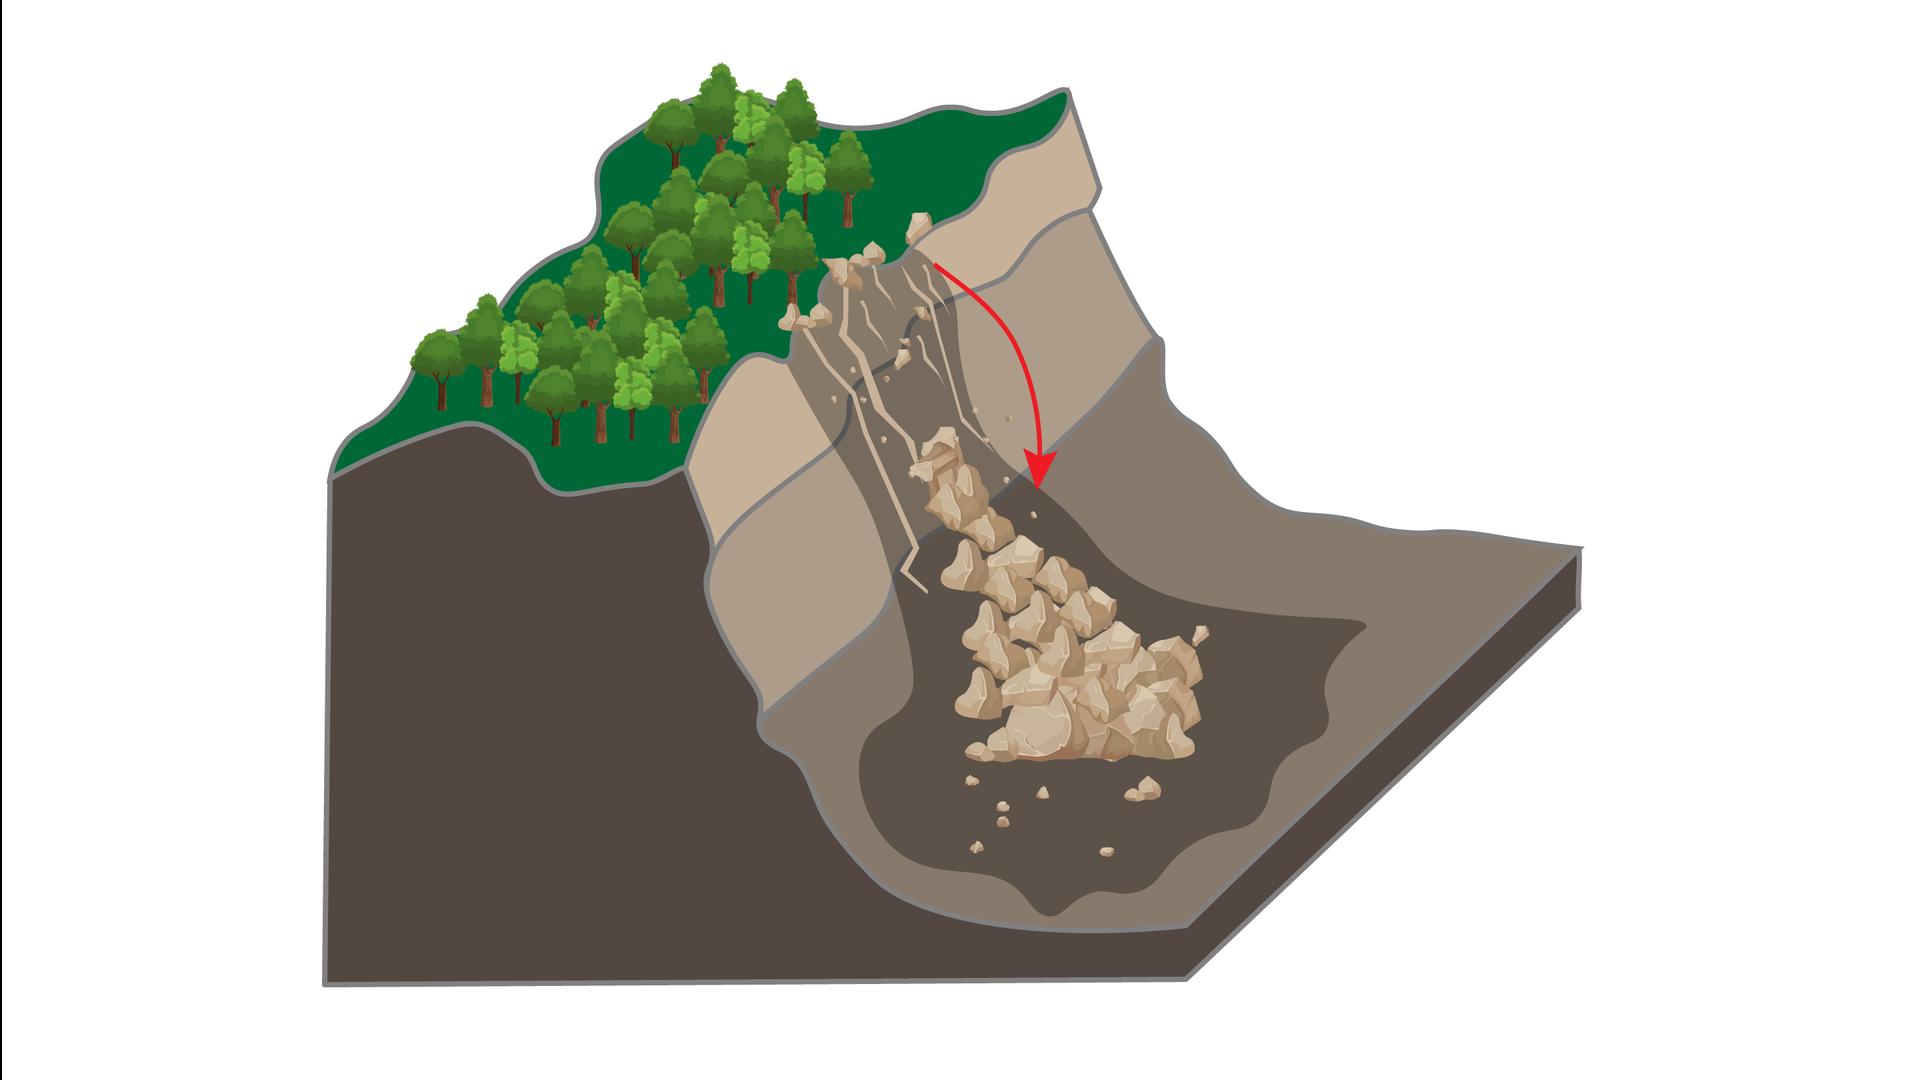 Schemat odpadania fragmentów skalnych